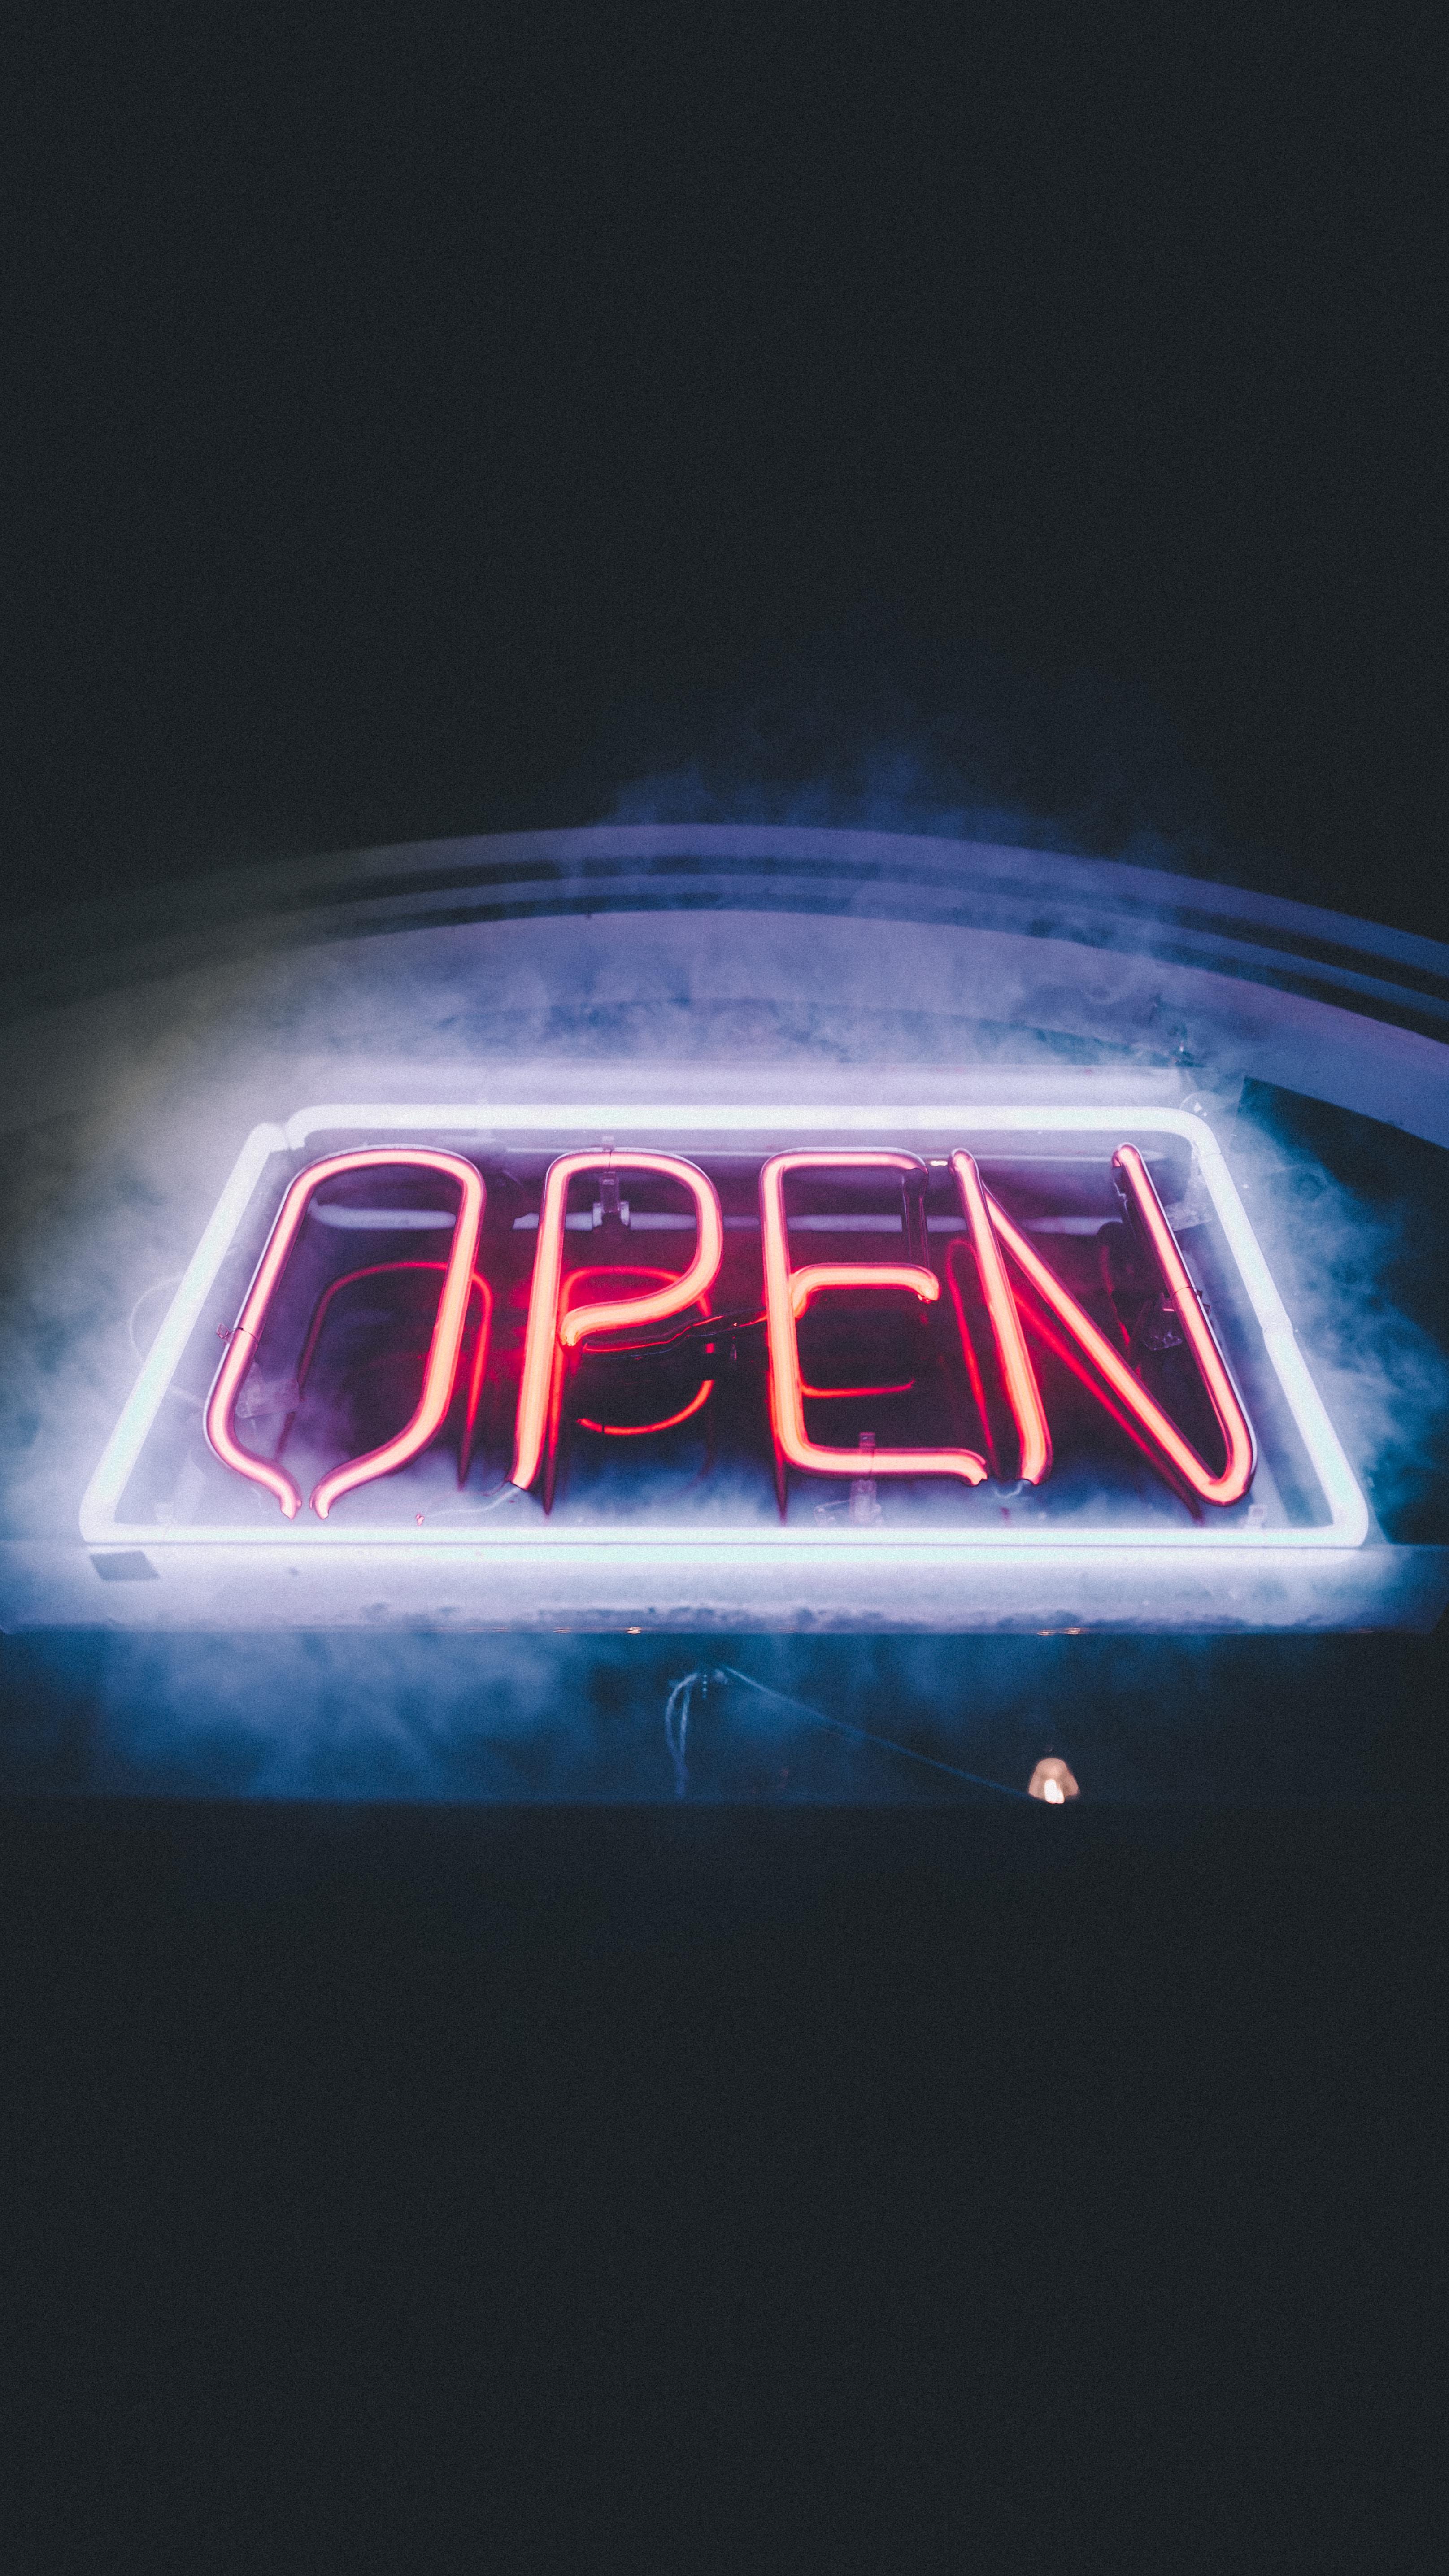 139667 économiseurs d'écran et fonds d'écran Les Mots sur votre téléphone. Téléchargez Les Mots, Mots, Briller, Lumière, Brouillard, Néon, Signe, Enseigne, Ouvert, C'est Ouvert, Ouvrir images gratuitement